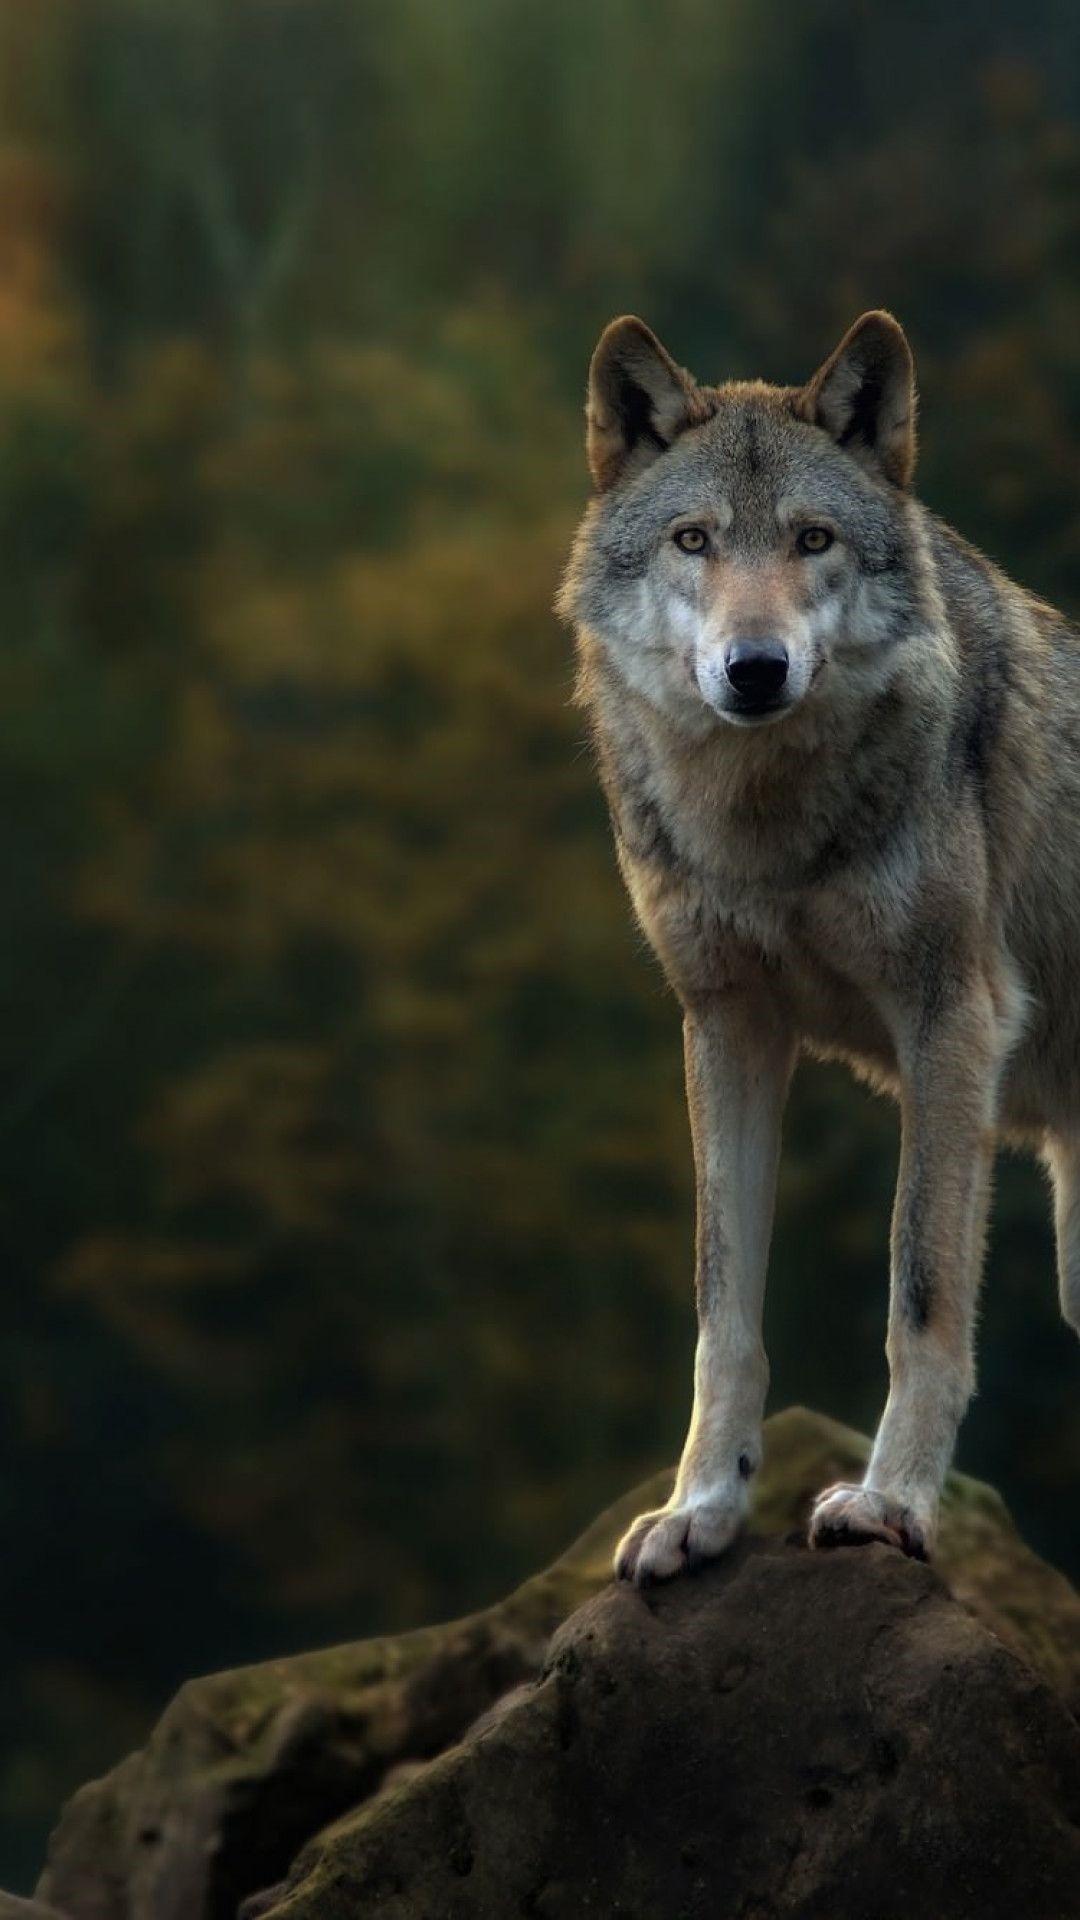 Wolf screensaver wallpaper